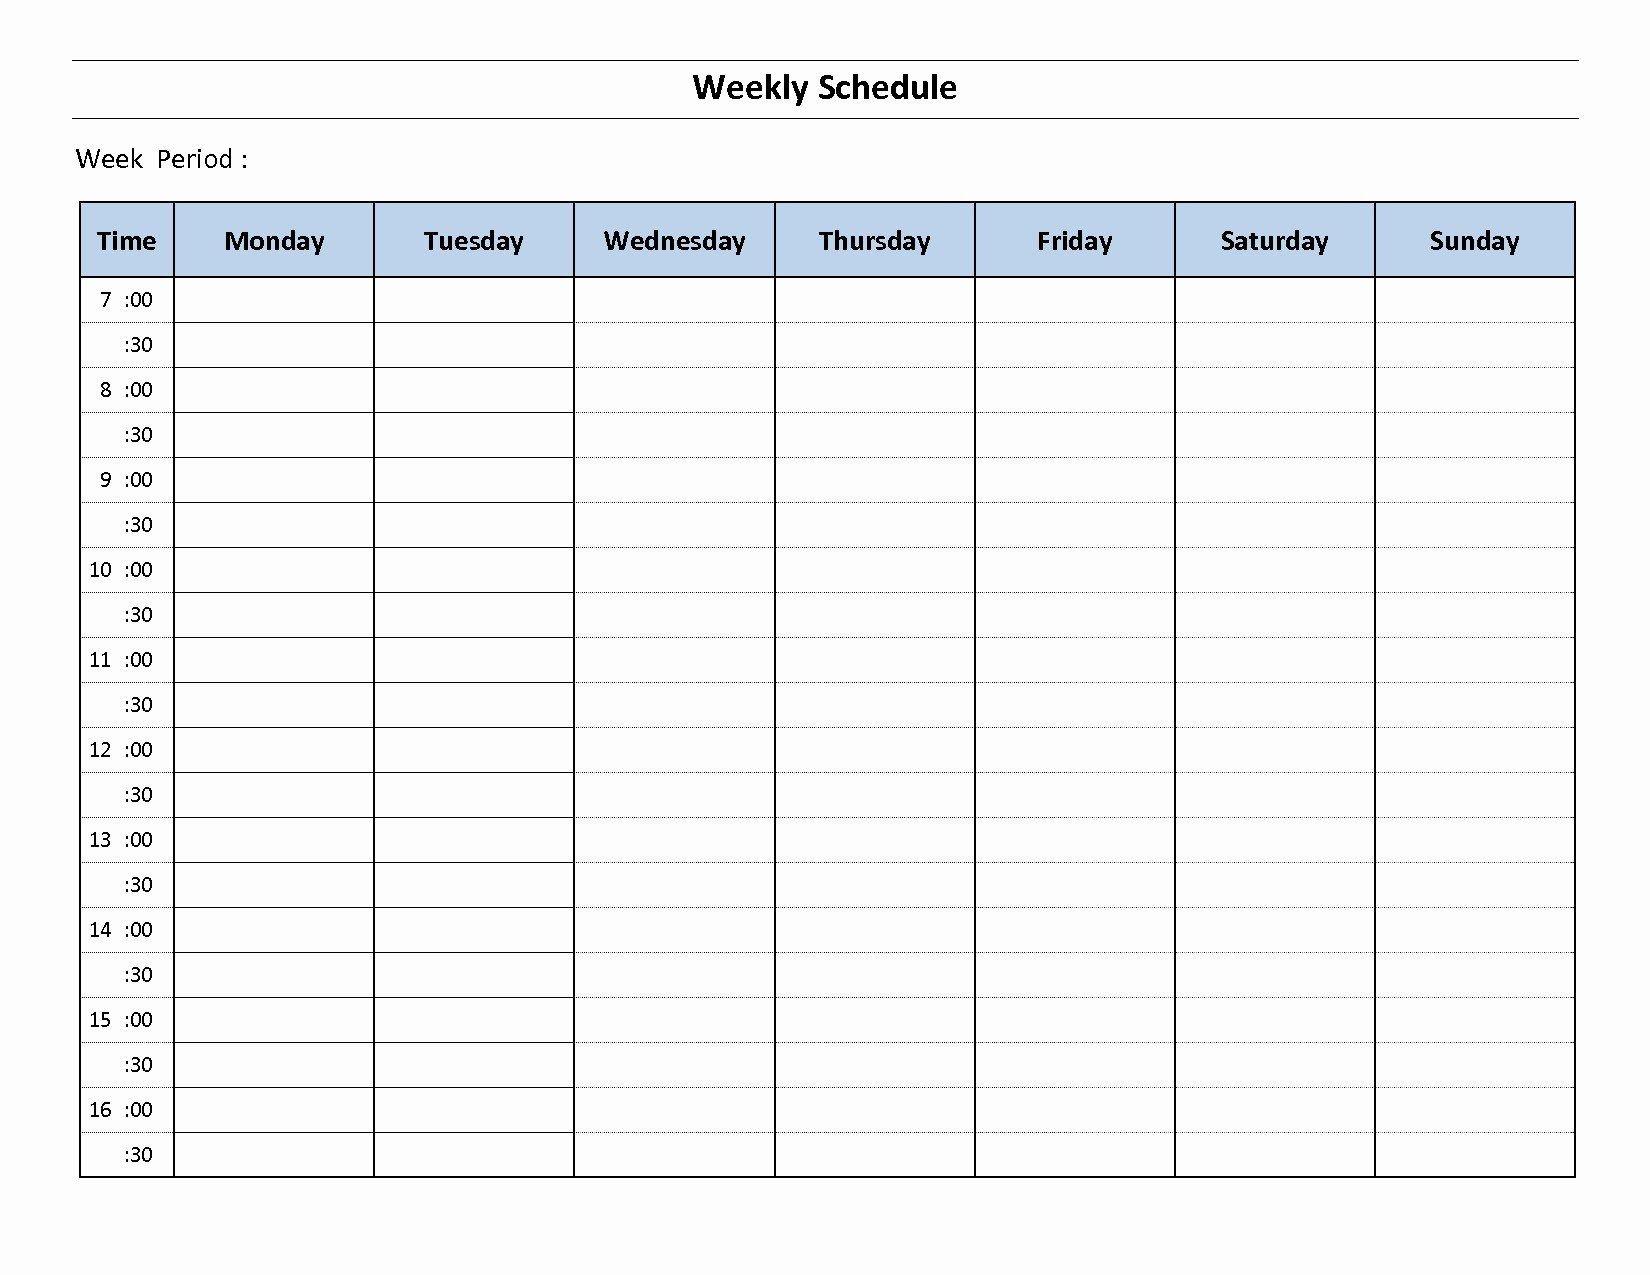 Microsoft Word Weekly Calendar Template In 2020 | Weekly Two Week Calendar Template Free